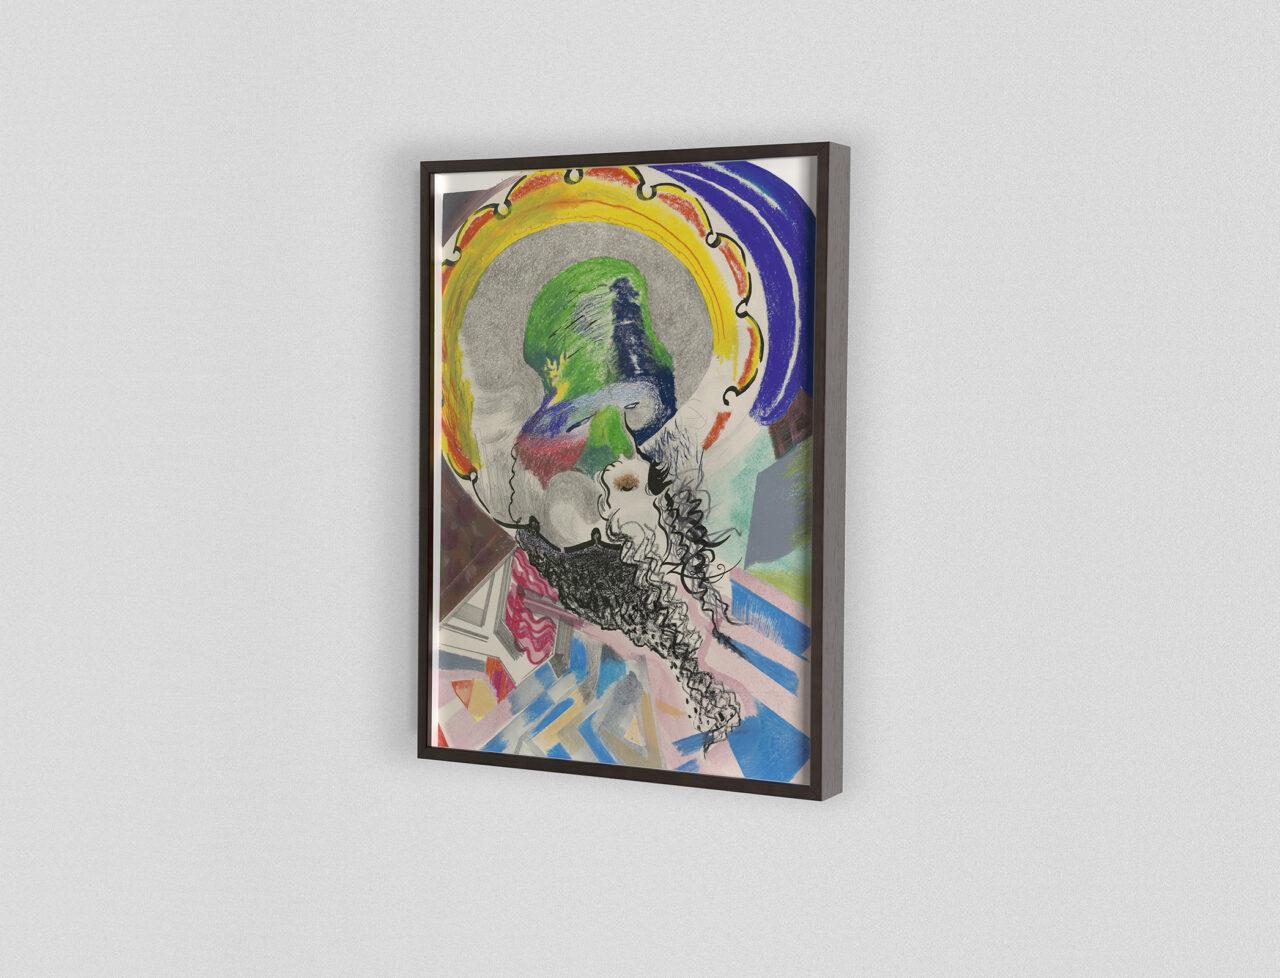 2020 | 180 x 137 x 6,2 cm. Acrylic paint and oil paint on dibond